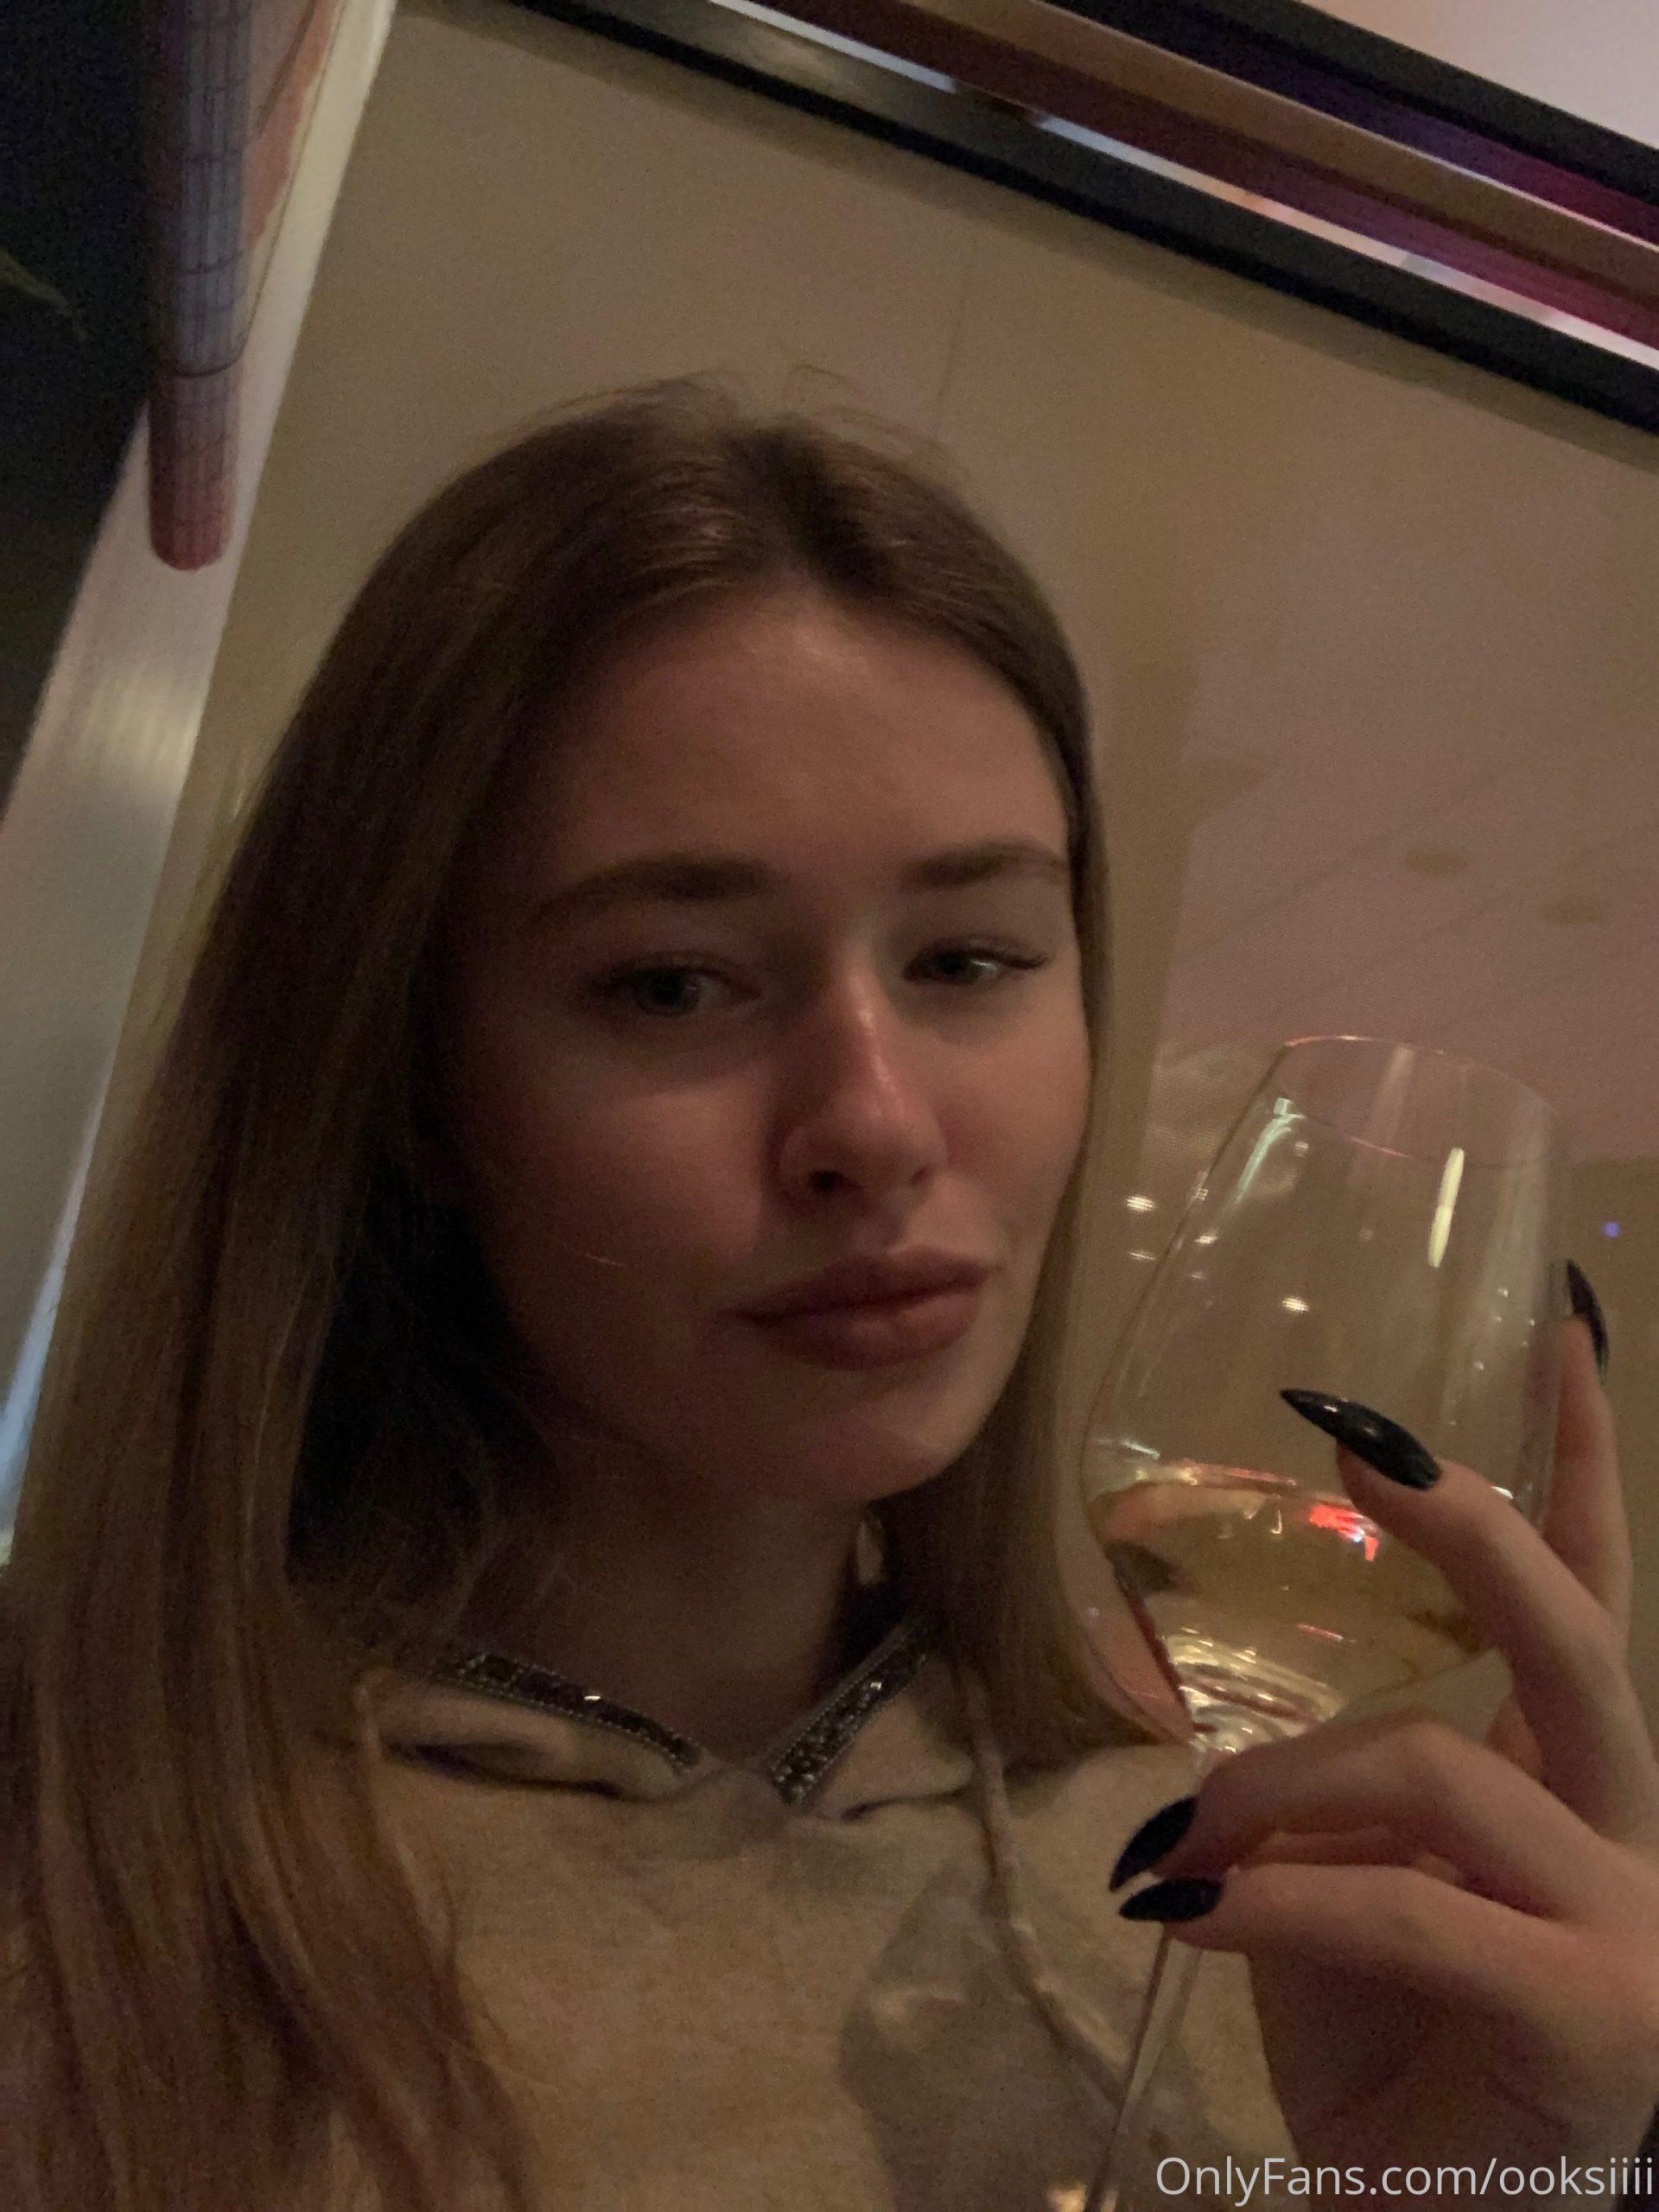 Oksana Fedorova, Onlyfans, Ooksiii 0034